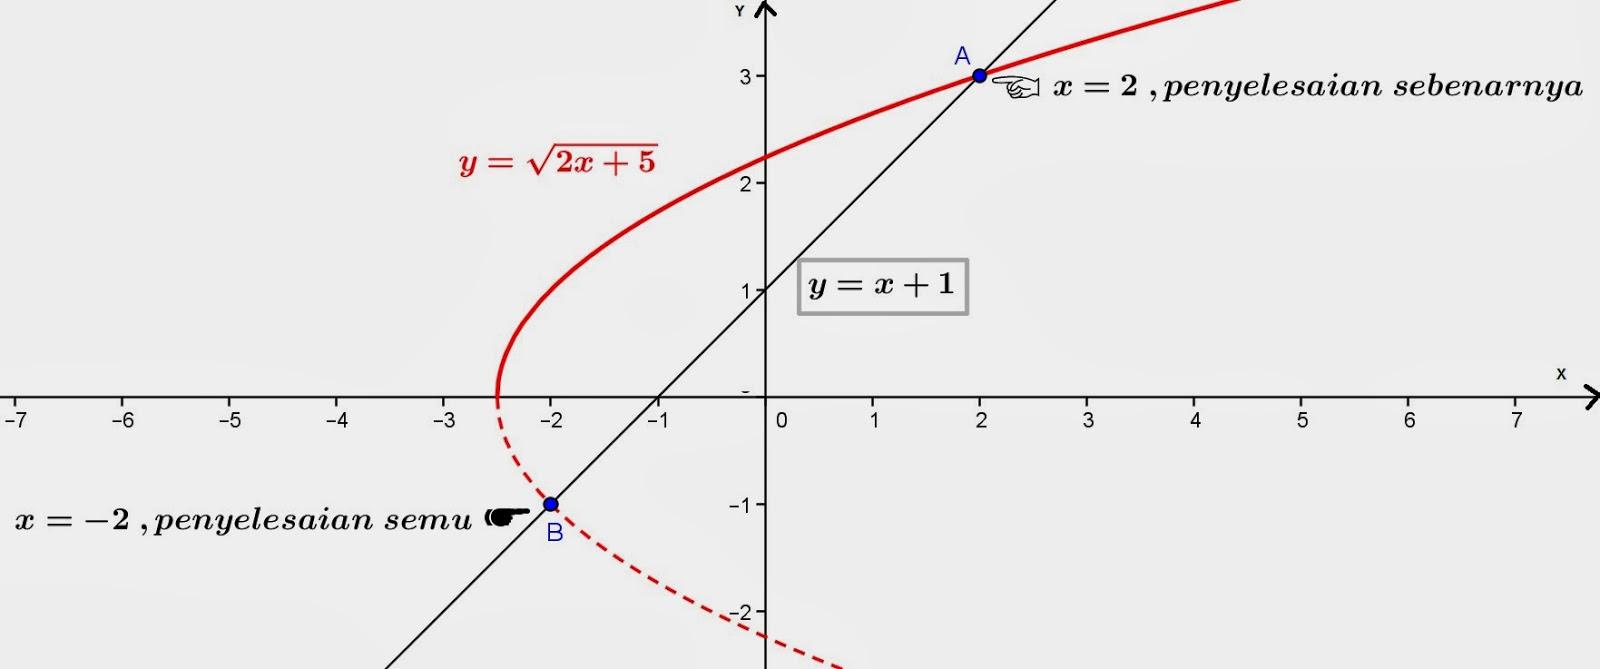 Secaragrafis persamaan diatas dapat di gambarkan sebagai berikut: